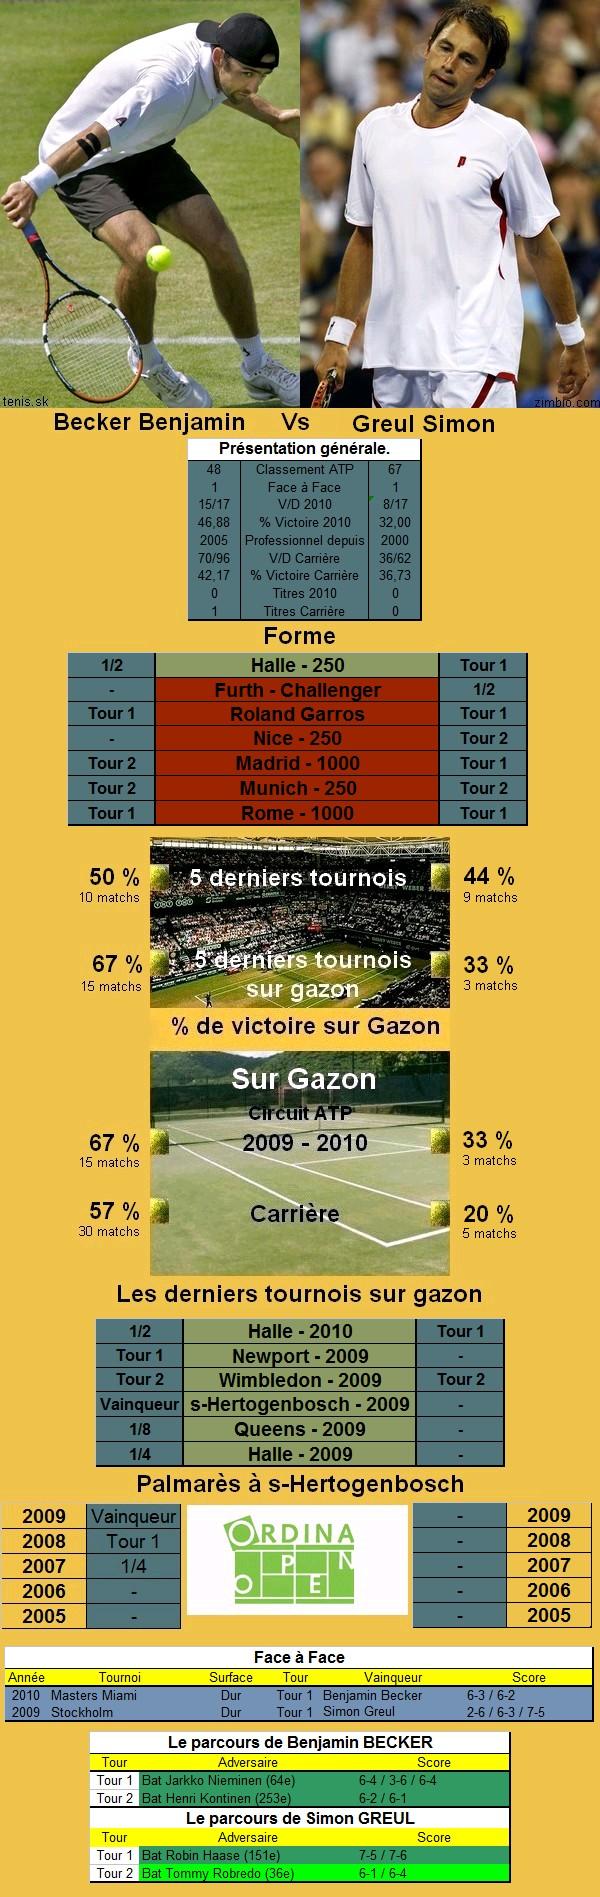 Statistiques tennis de Becker contre Greul à s'hertogenbosch